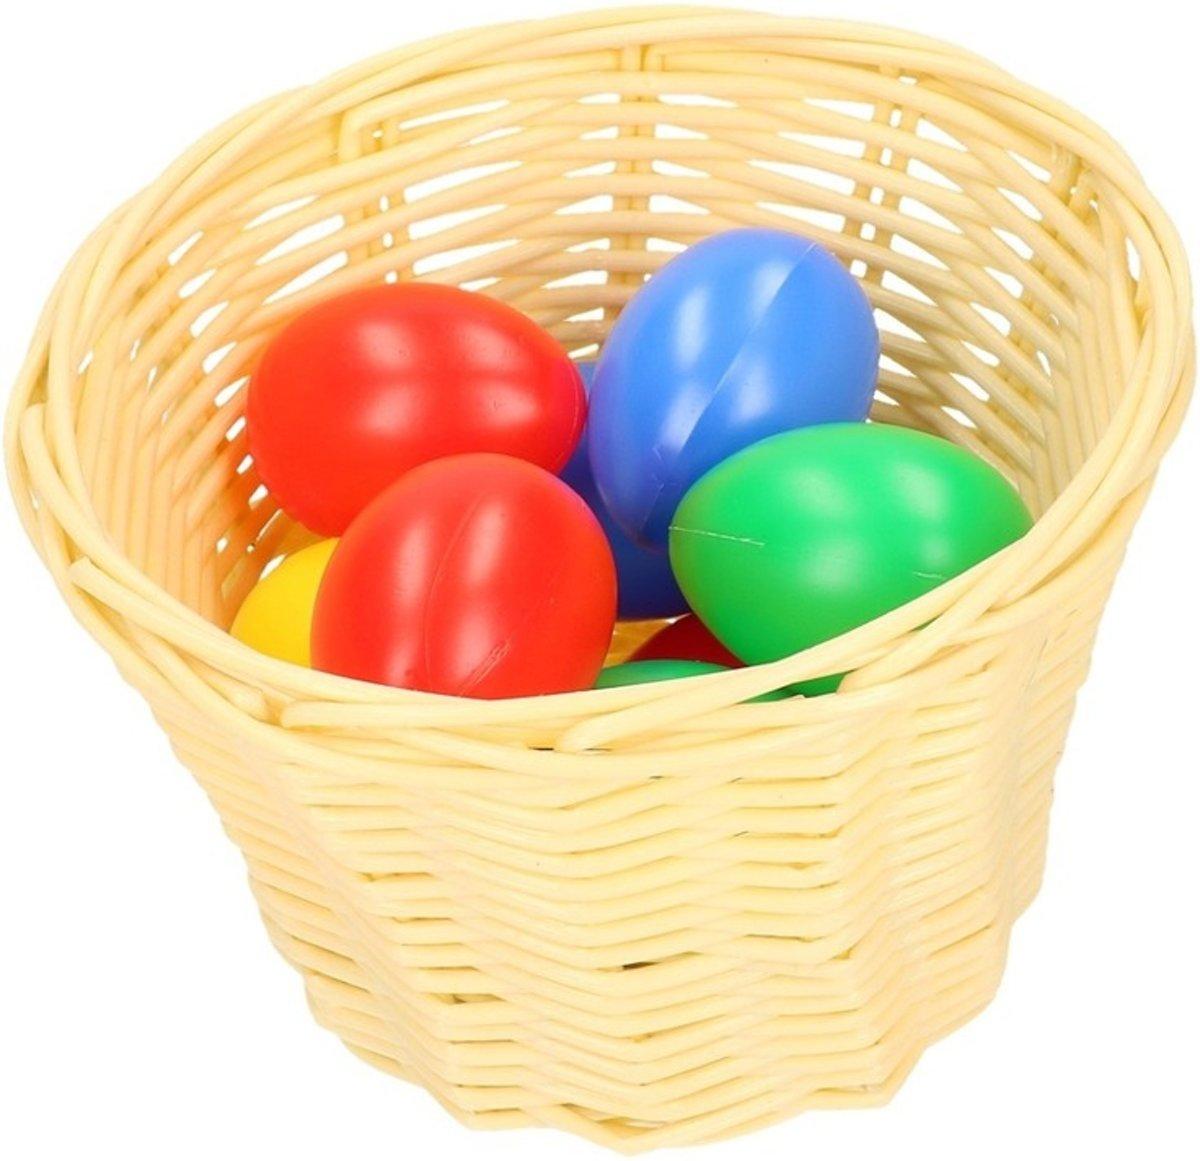 Hangstoel Bruin Egg.Https Www Bol Com Nl P By Vilain Dynamite Clay 15 Ml